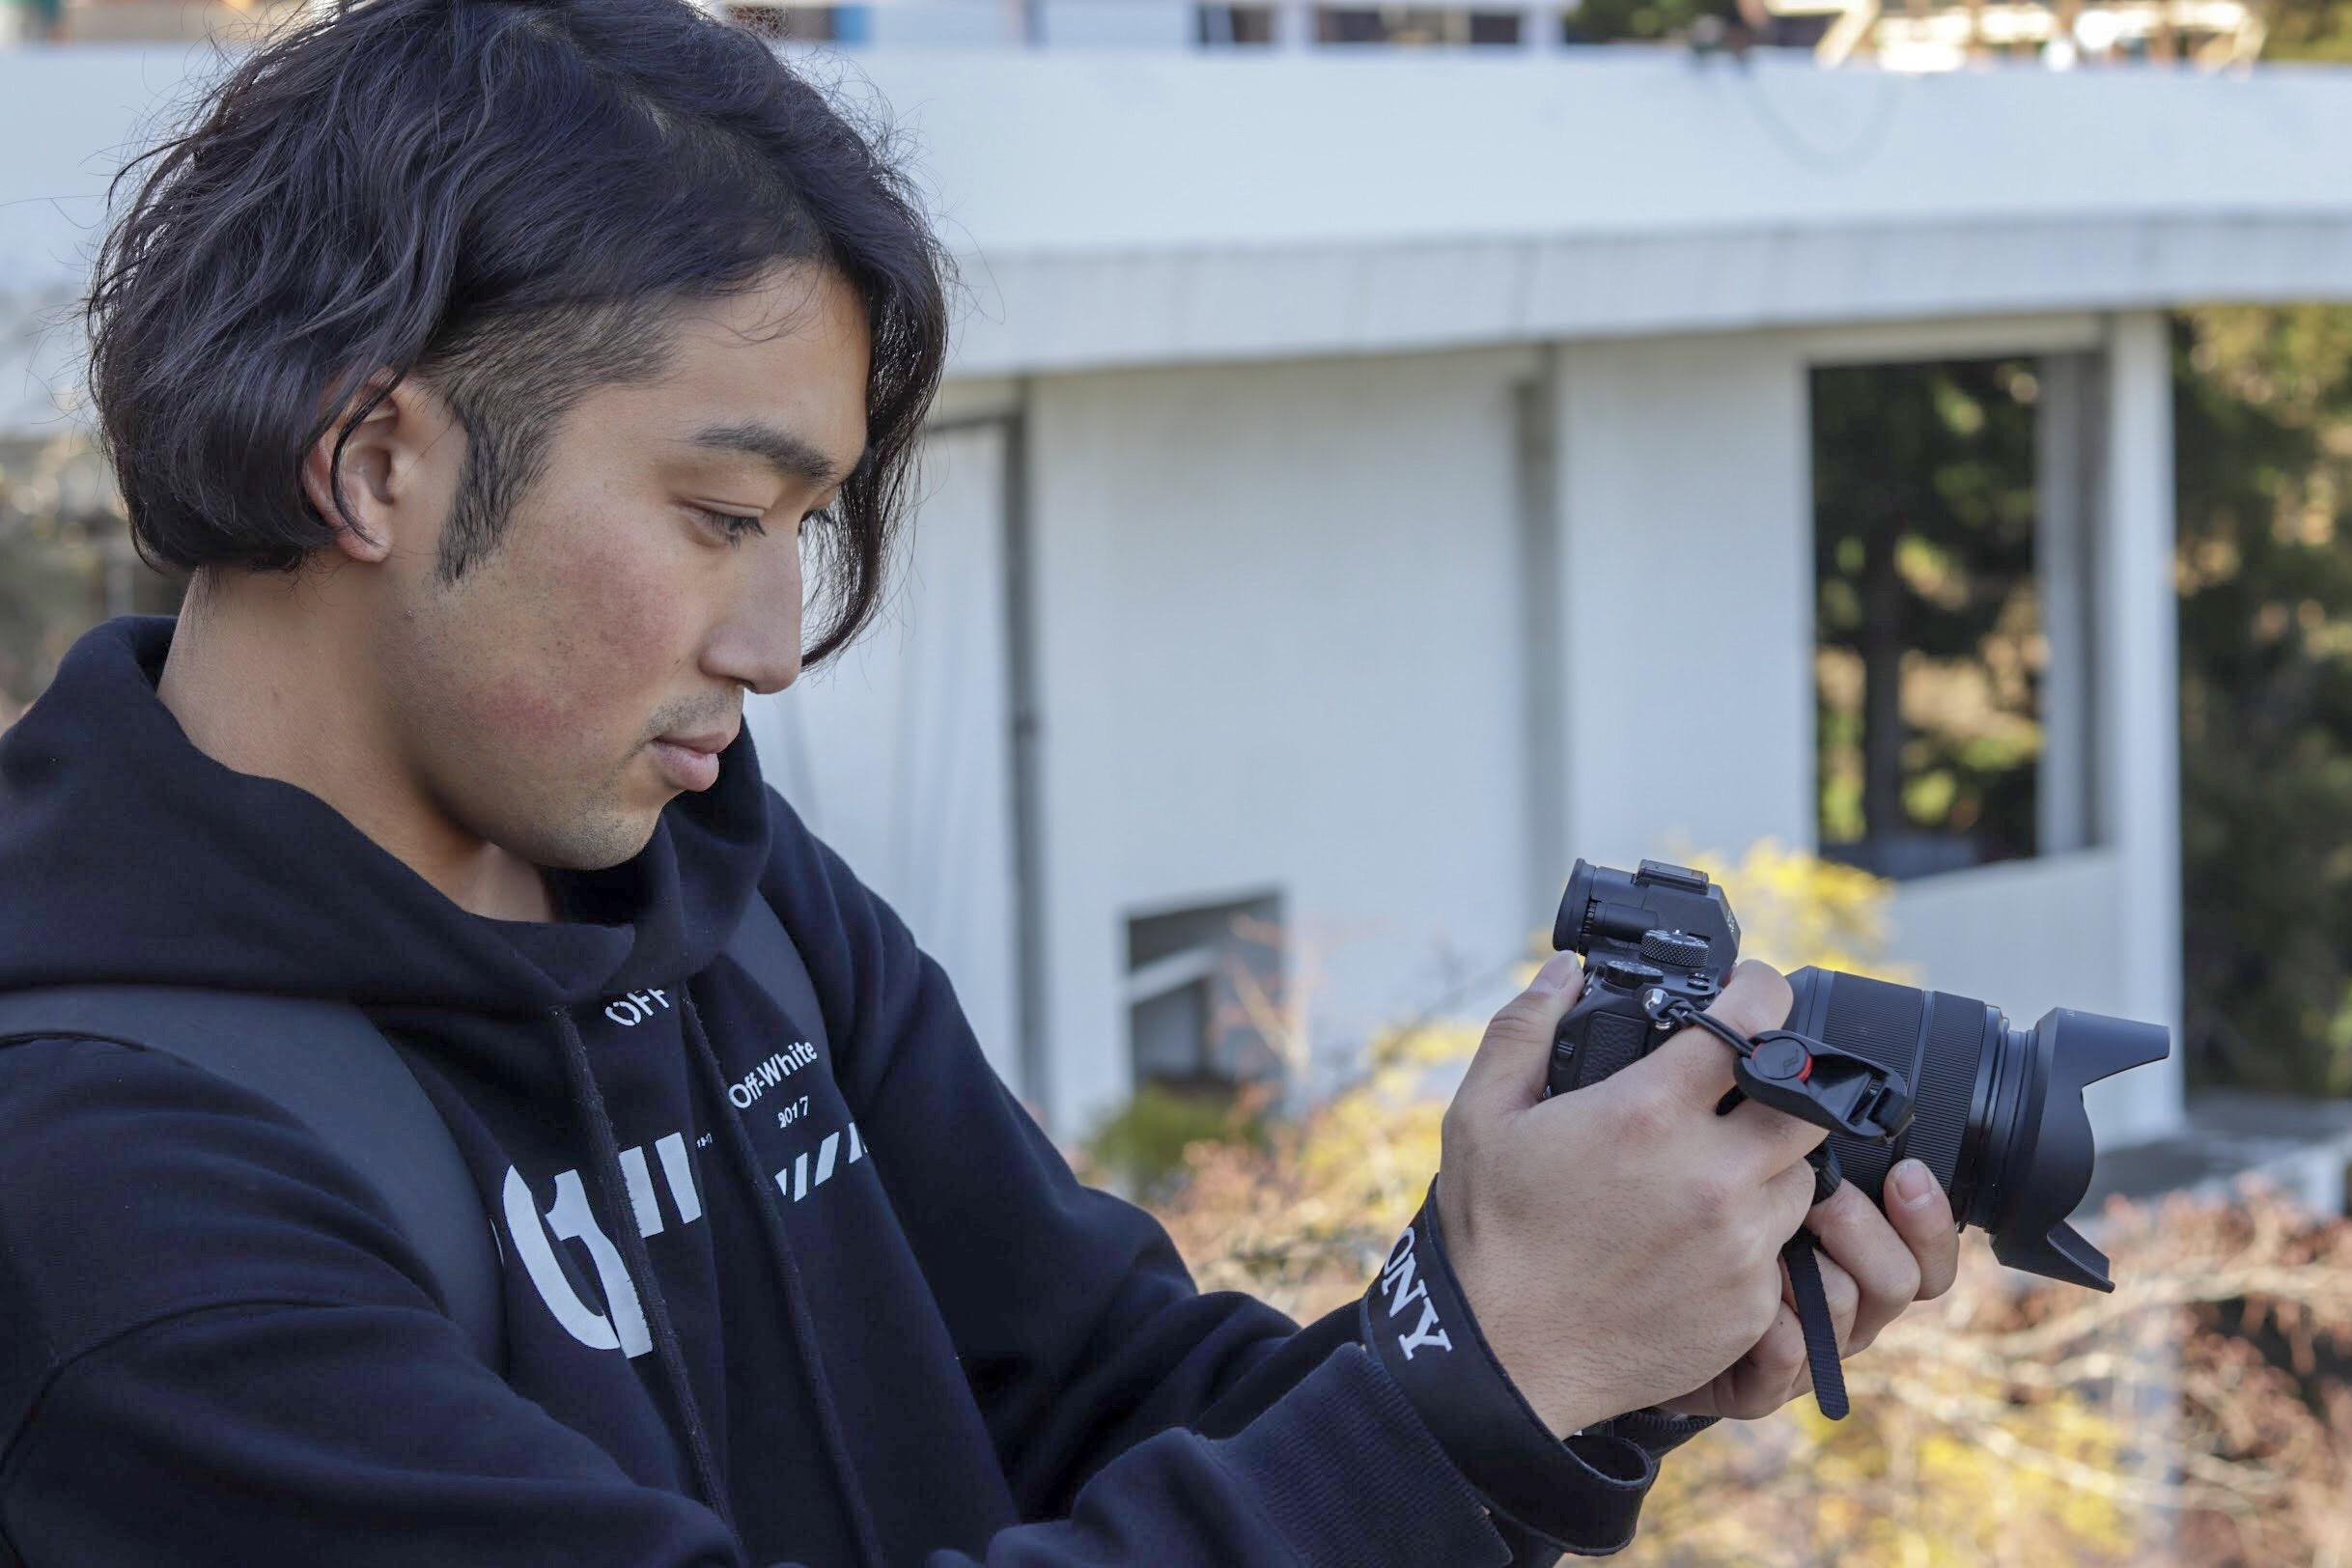 Kazushi Yoshida